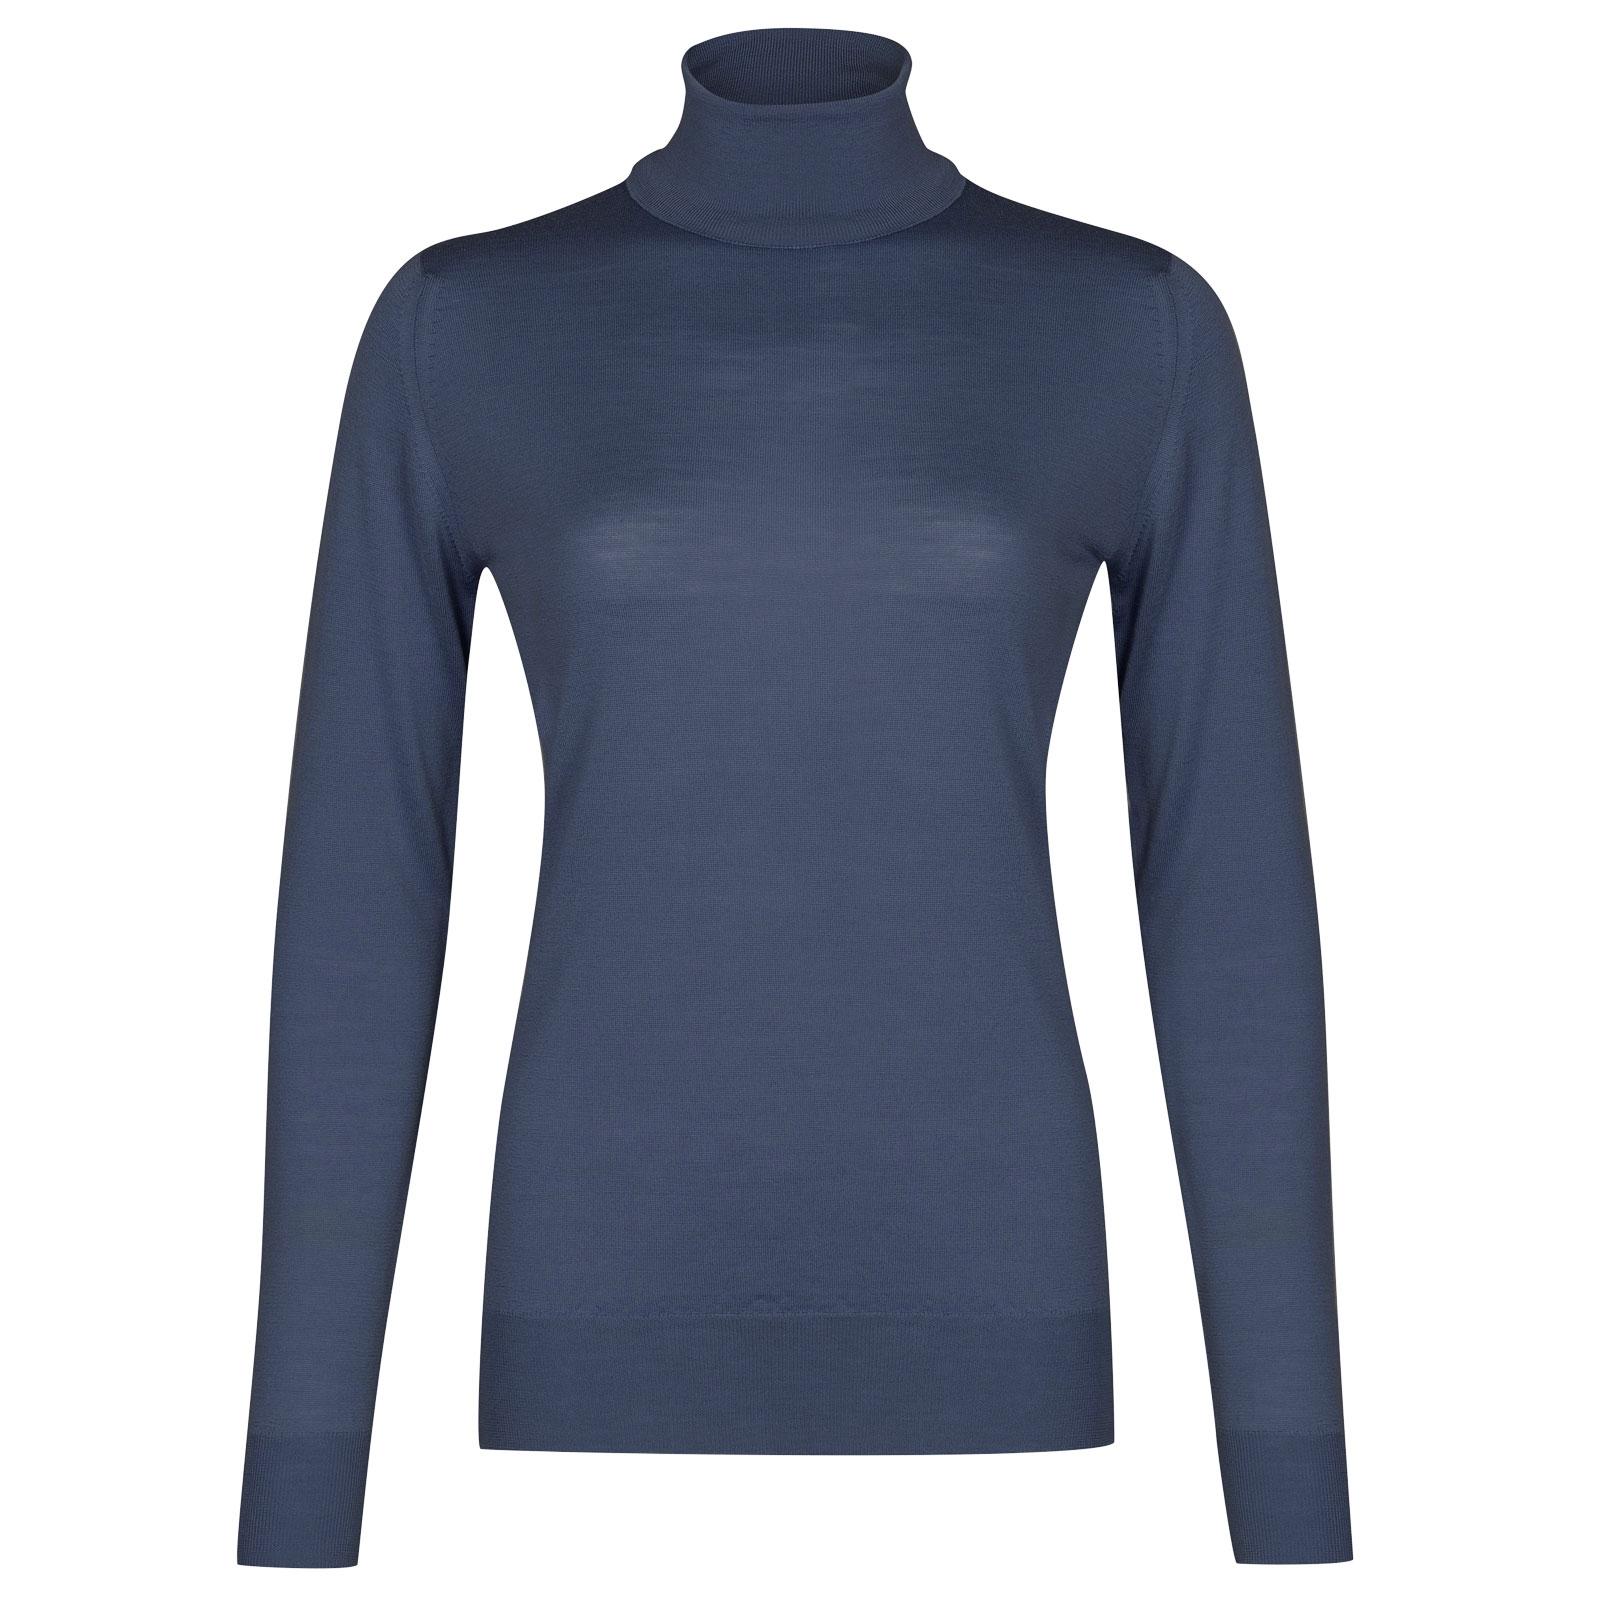 John Smedley Catkin Sweater in Aspect Purple-XL